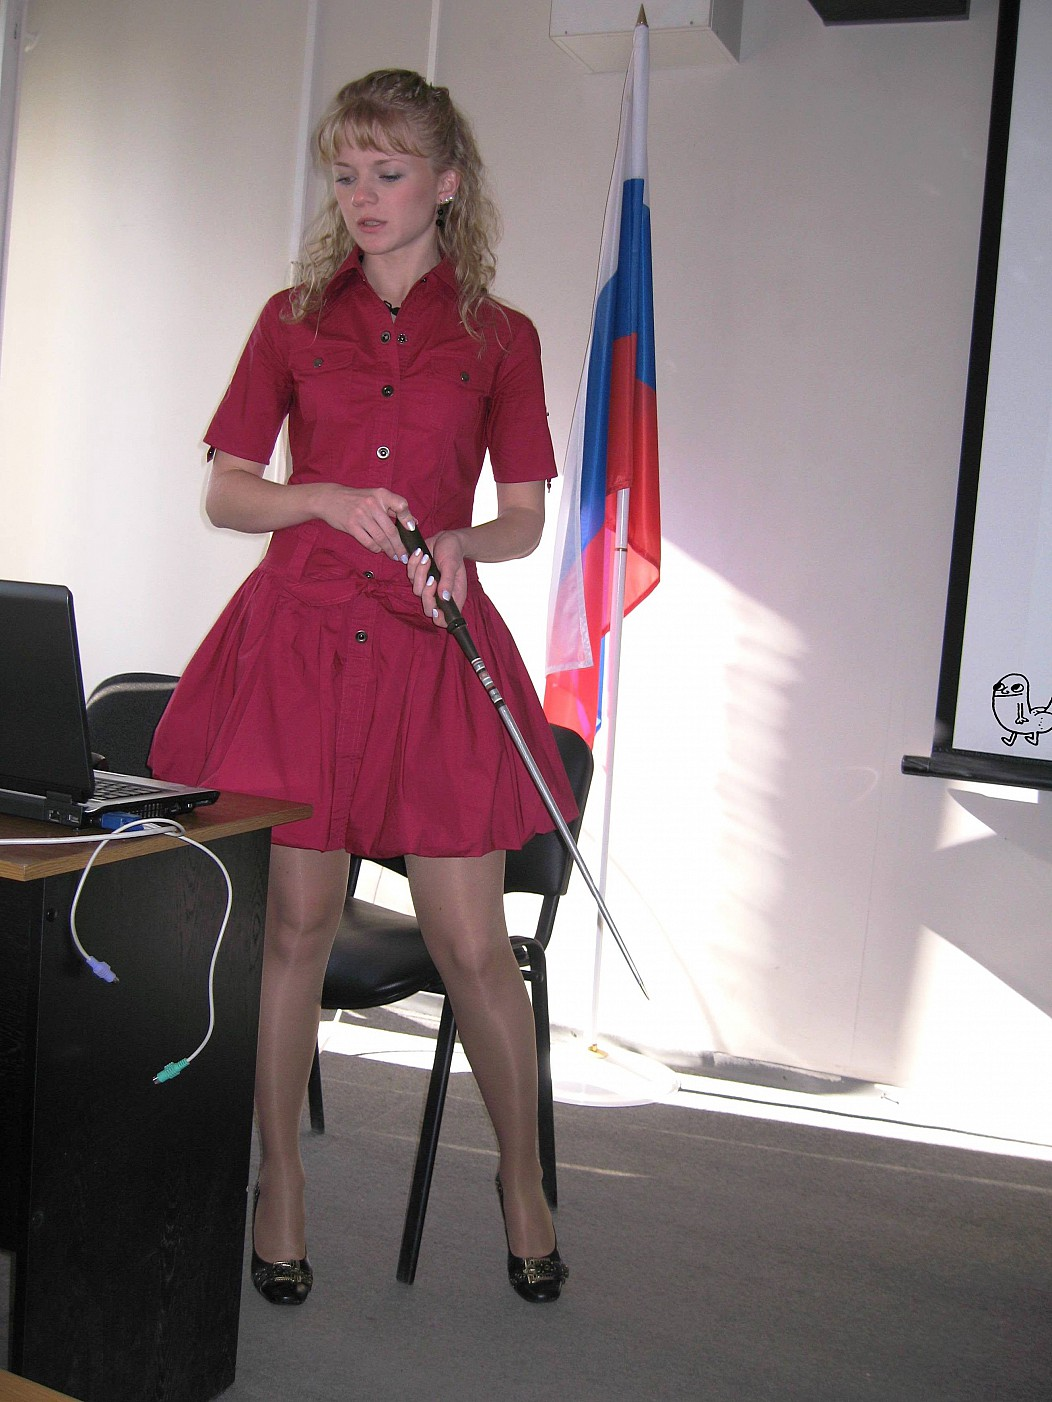 授業参観でお父さんが集まるロシアの女教師の画像集(34枚)・30枚目